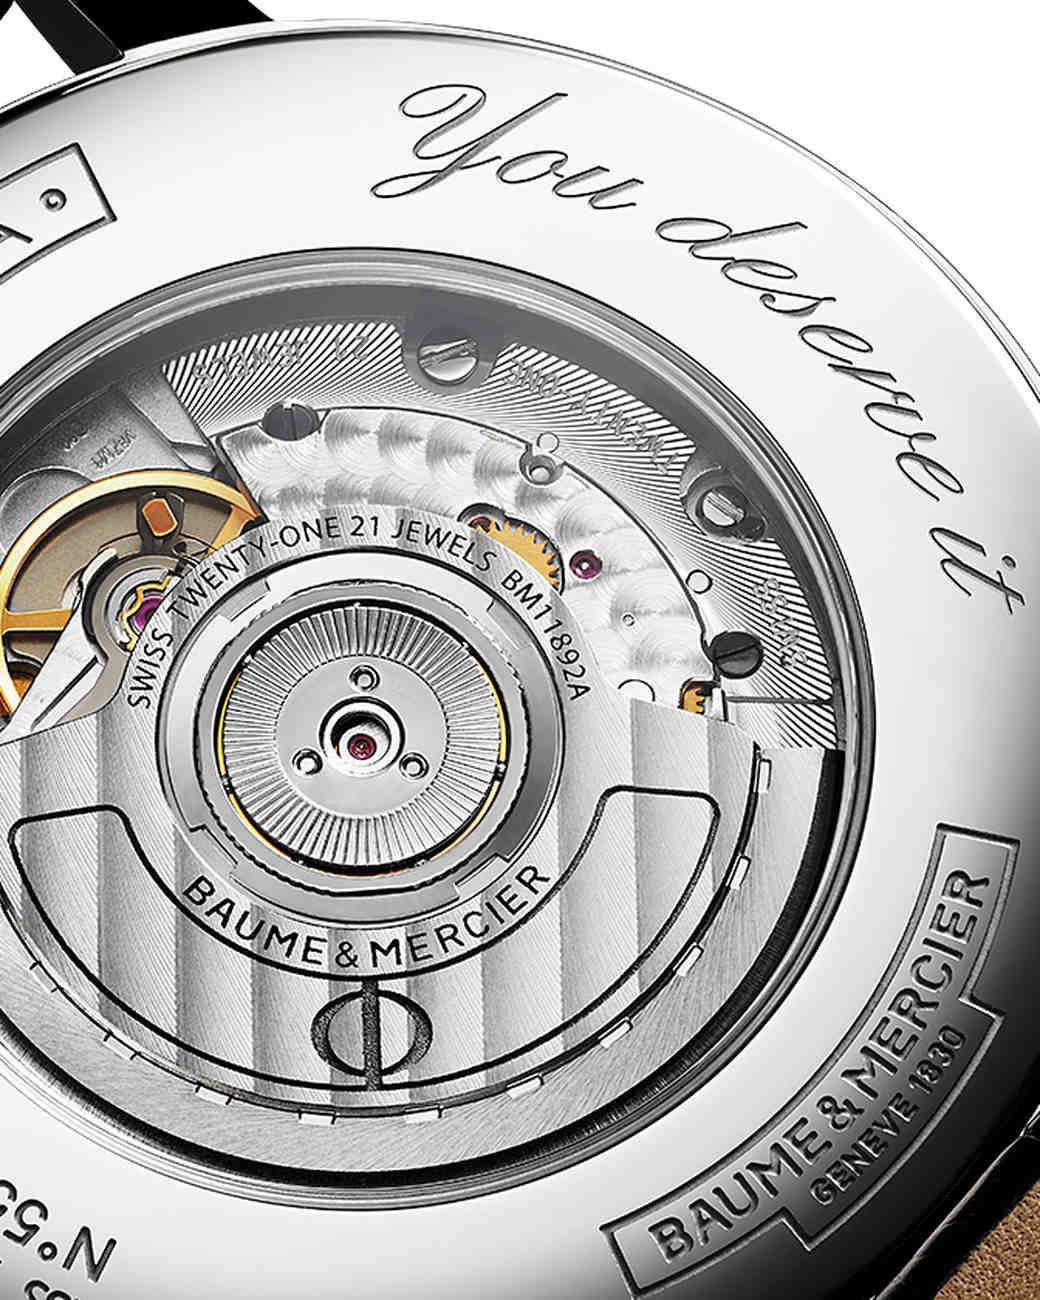 baume-mercier-watch-engraved-2-0514.jpg